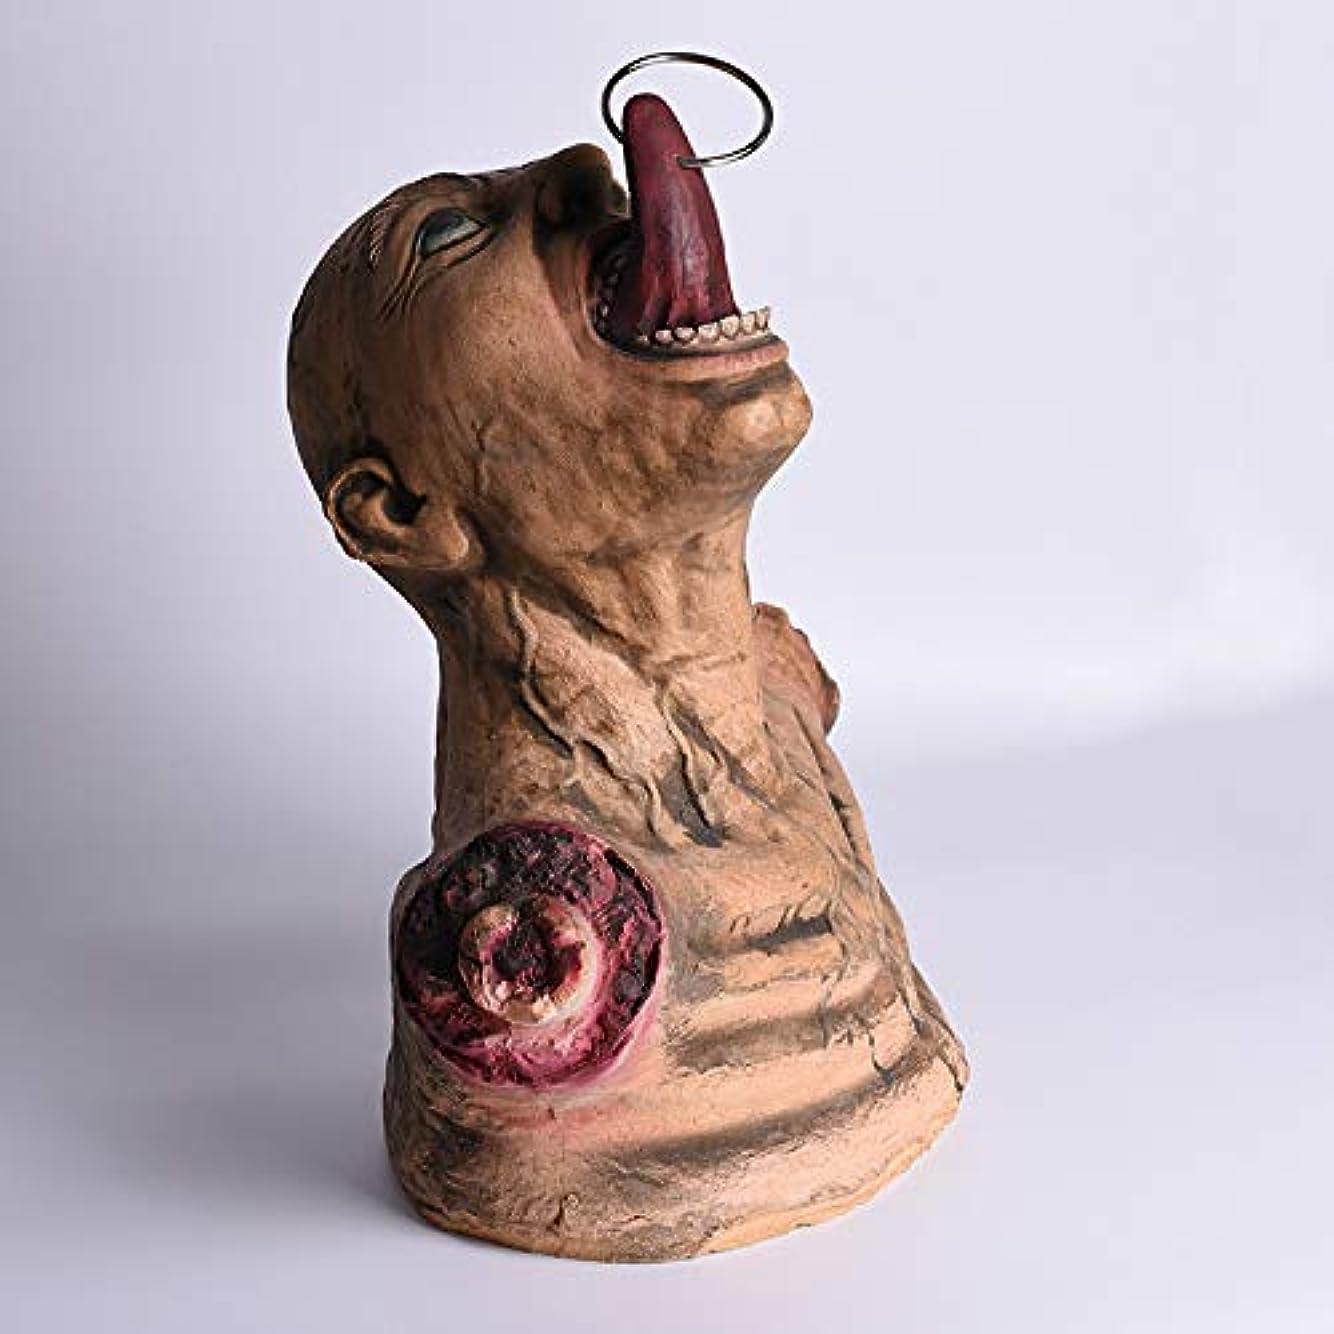 滑り台絡まる仕様ETRRUU HOME ハロウィーンお化けハウスルームエスケープ怖い小道具恐怖壊れた手ぶら下げ幽霊死体全身ゾンビ装飾